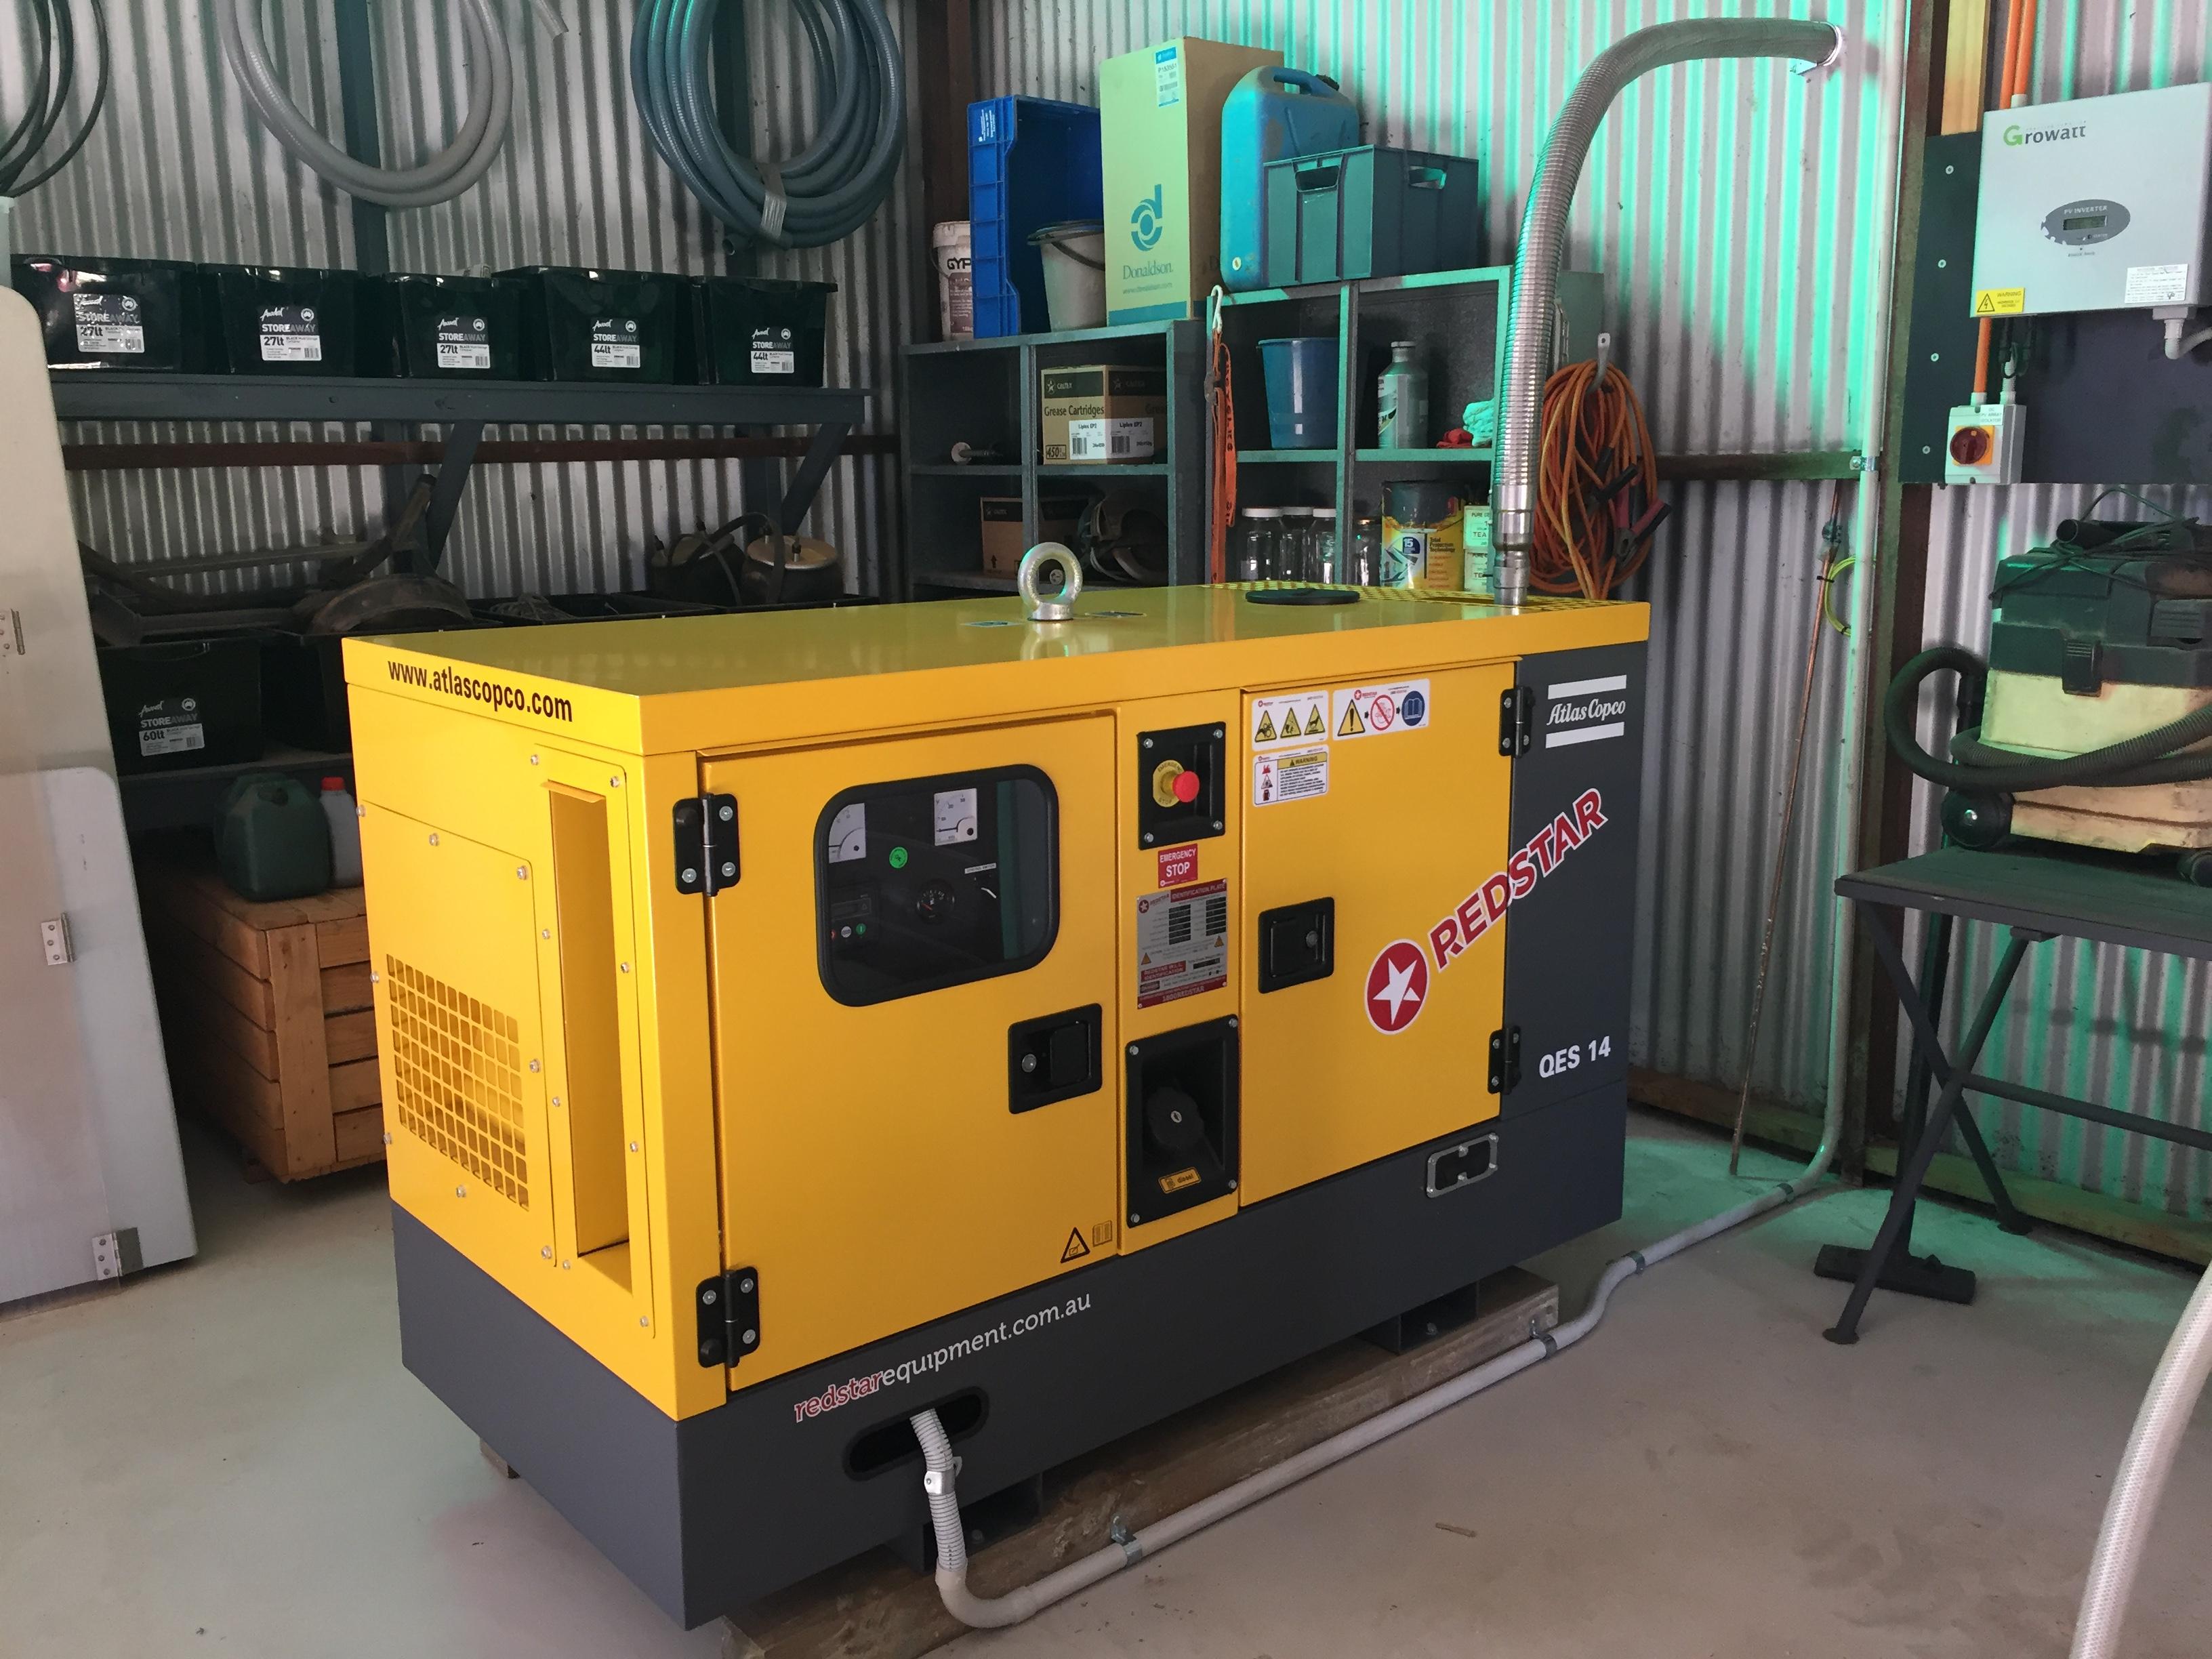 Modelo de gerador a diesel alocado em uma estação interna